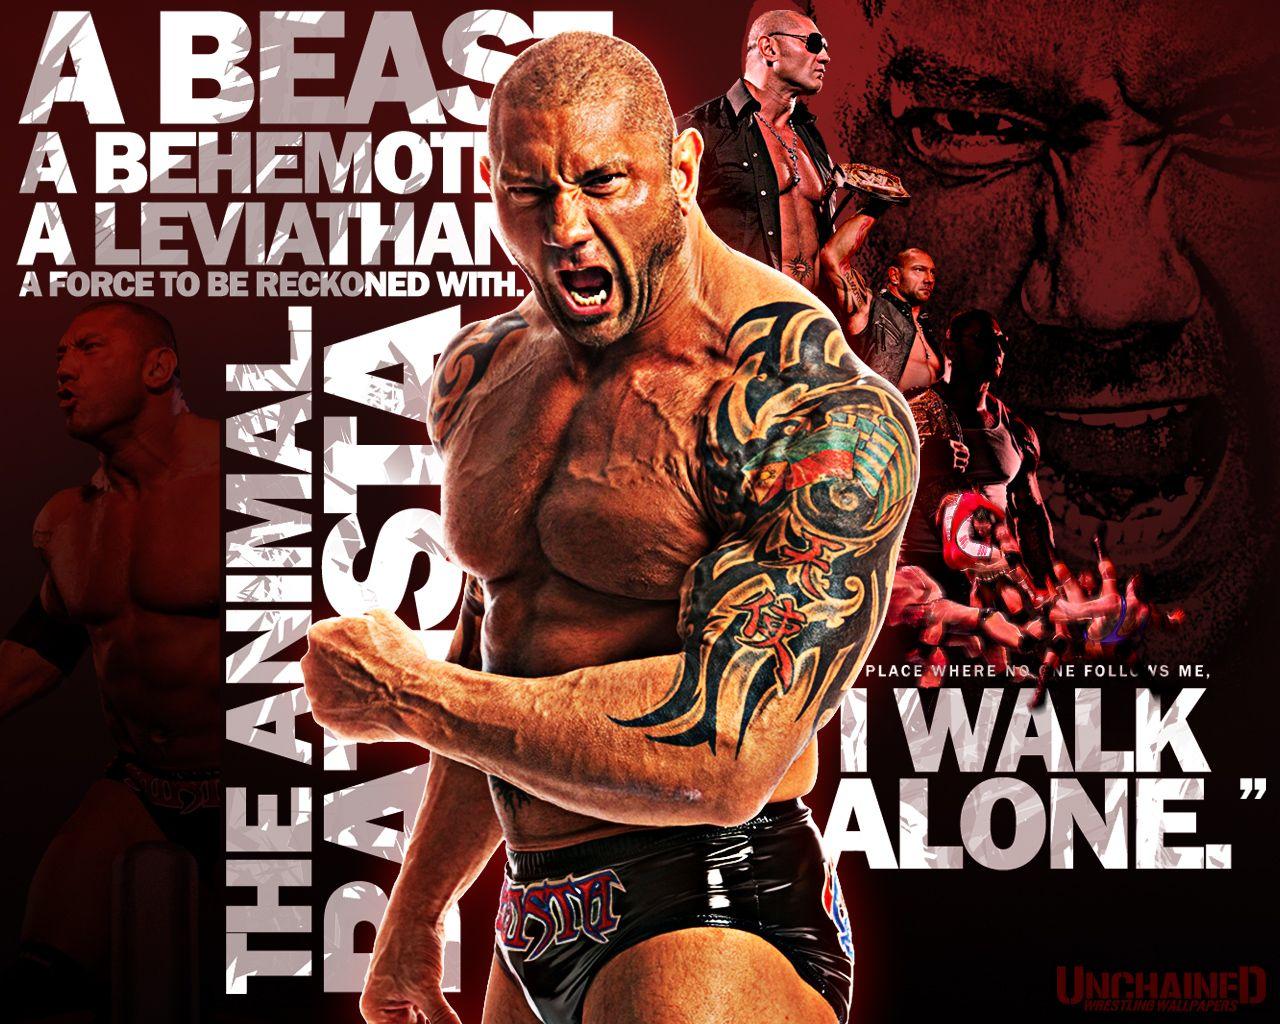 Wwe Free Download Hq A Beast Wrestling Wwe Wallpaper Num 4 1280 X 1024 Wrestling Stars Wwe Wrestlers Wrestling Wwe